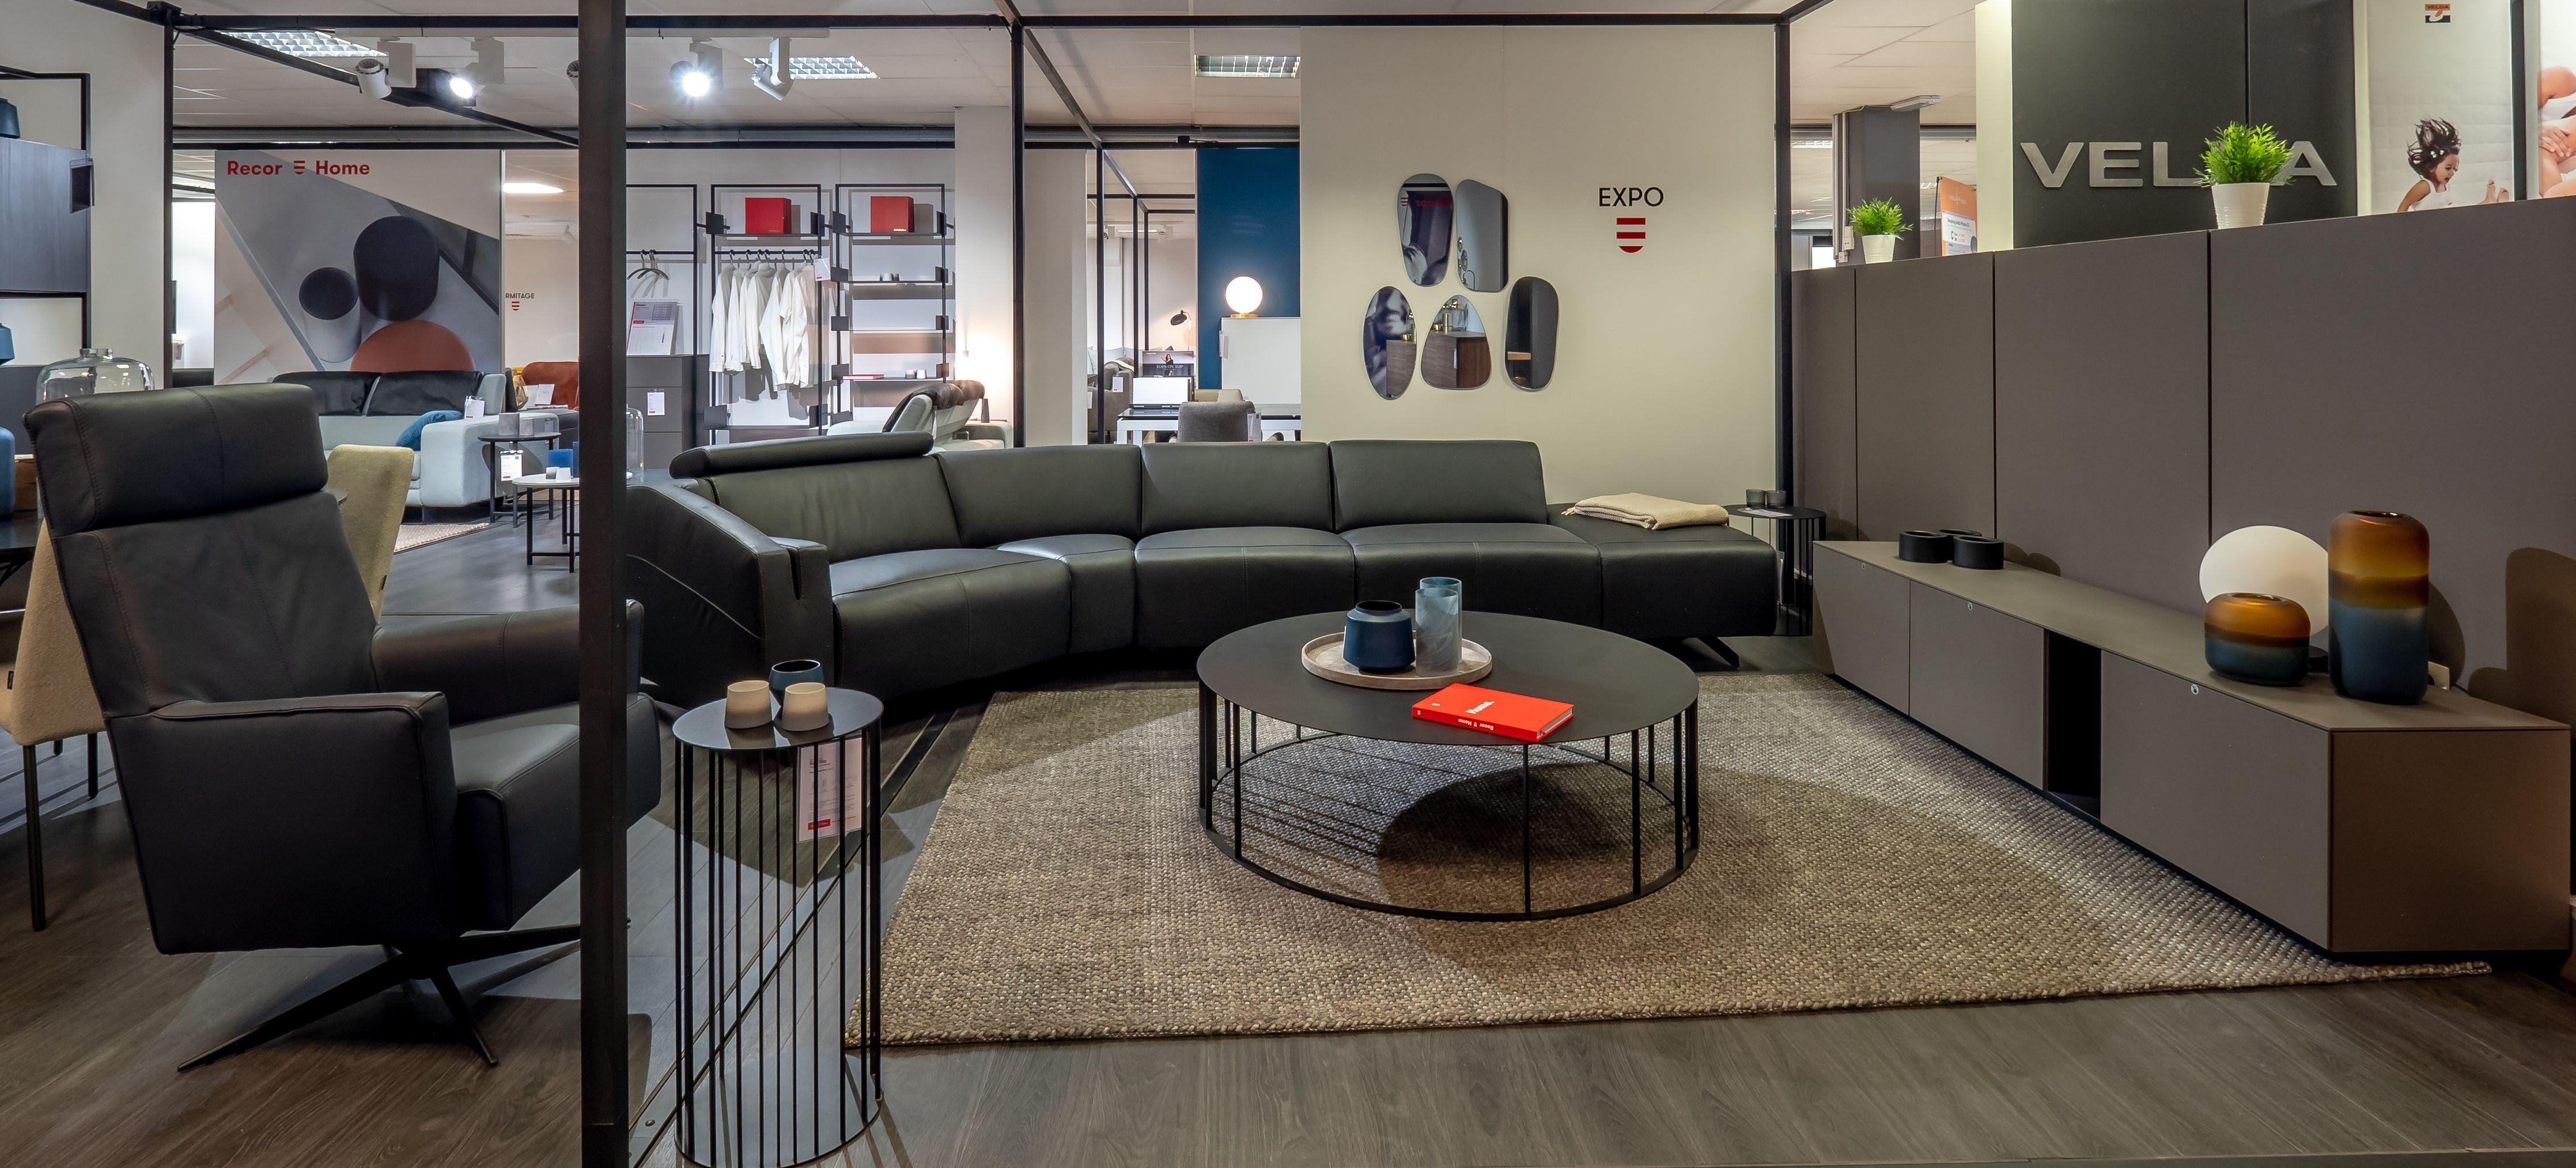 Amenagement D Un Salon Mobilier Recorhome Decoration Interieure Fauteuils En Cuir Table Basse Objets Decos